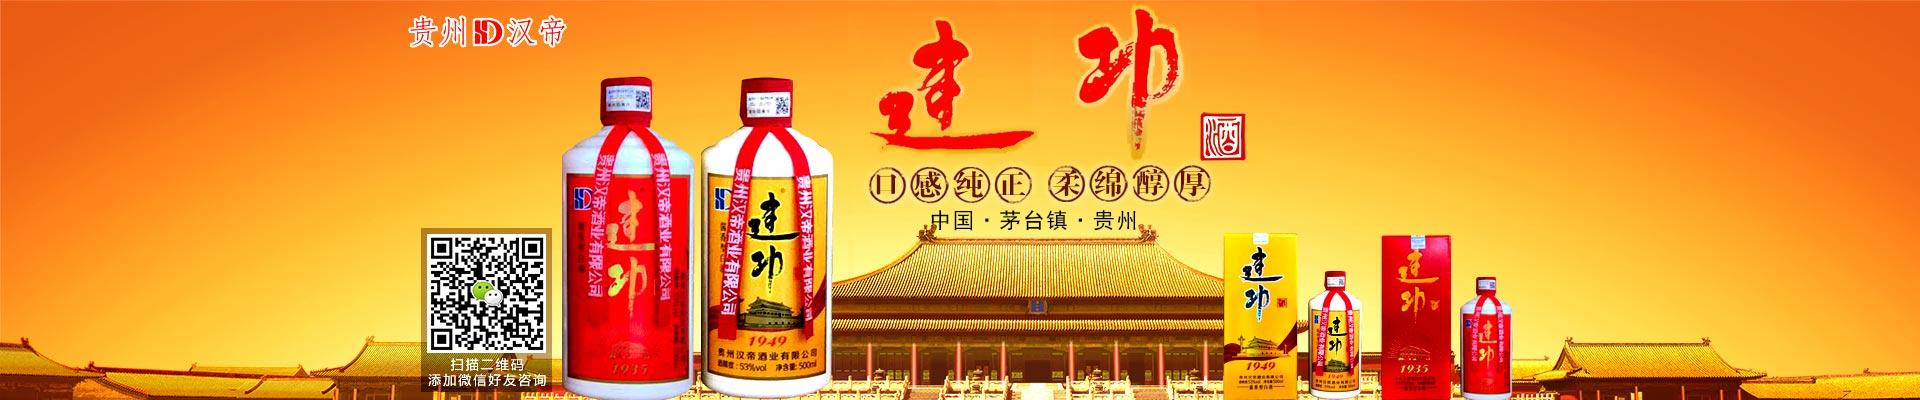 贵州汉帝酒业有限公司